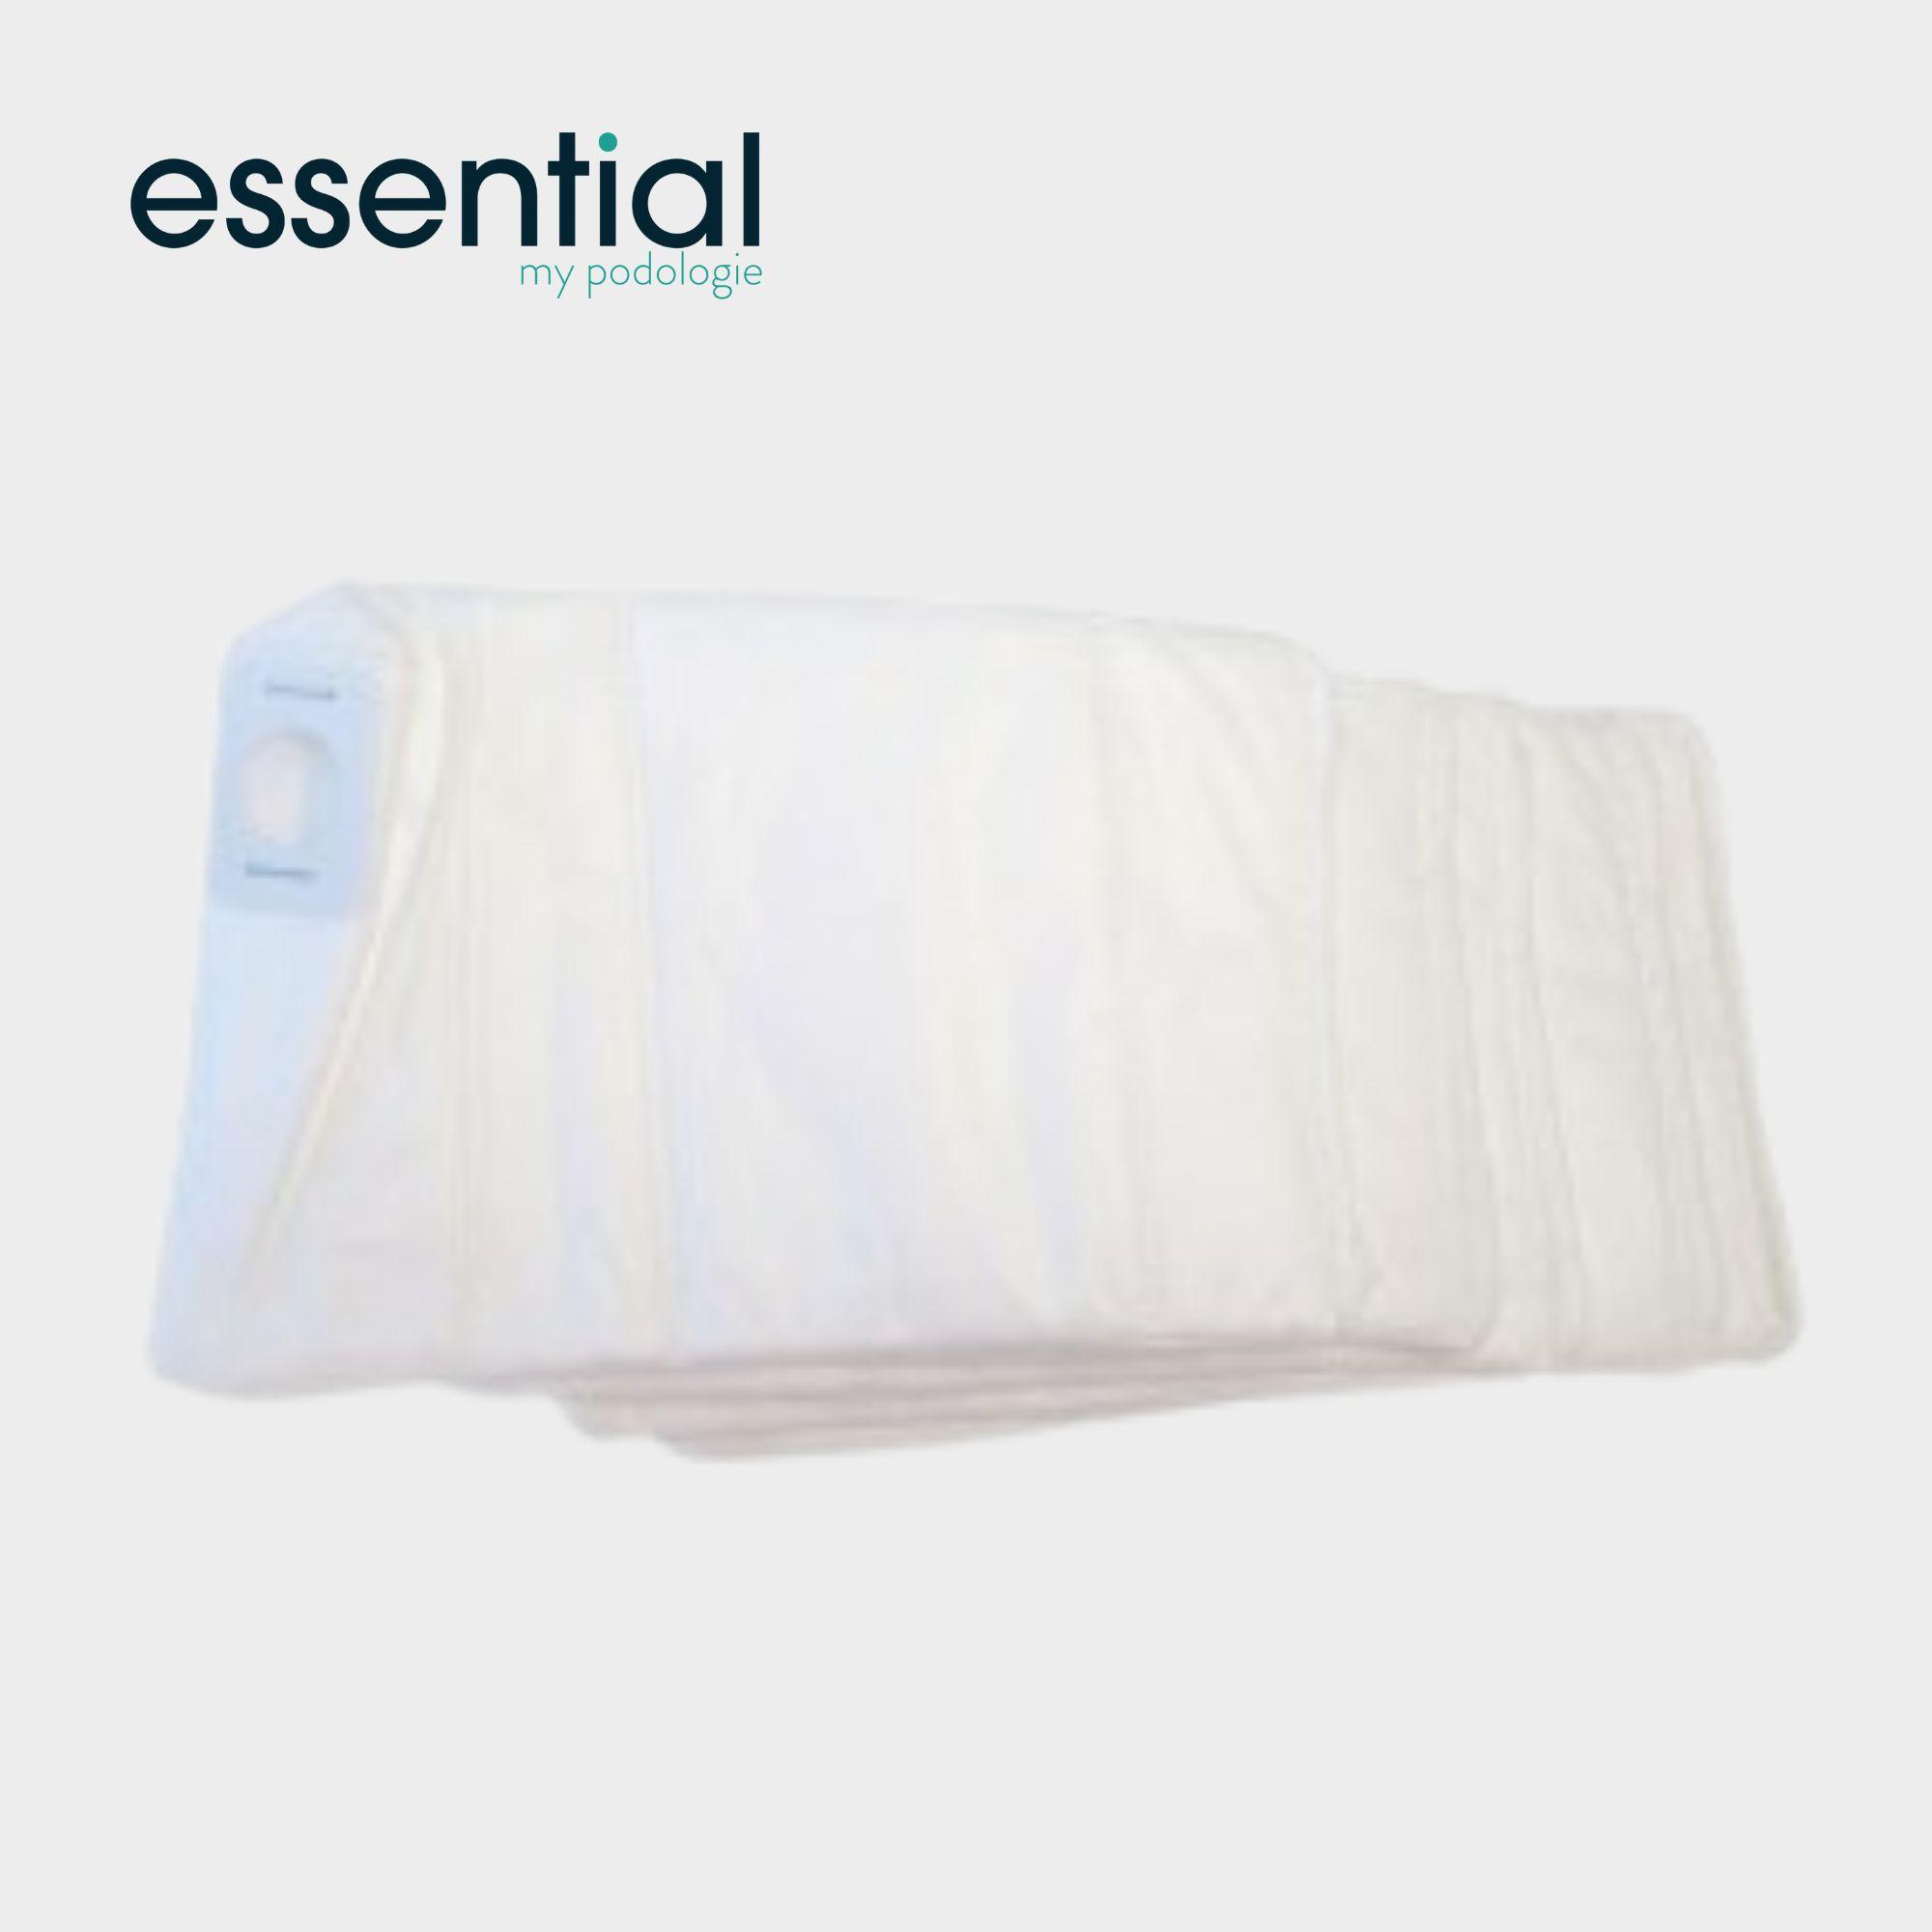 Kit sachet de filtre - 5 pièces - Vortix - Essential by My Podologie